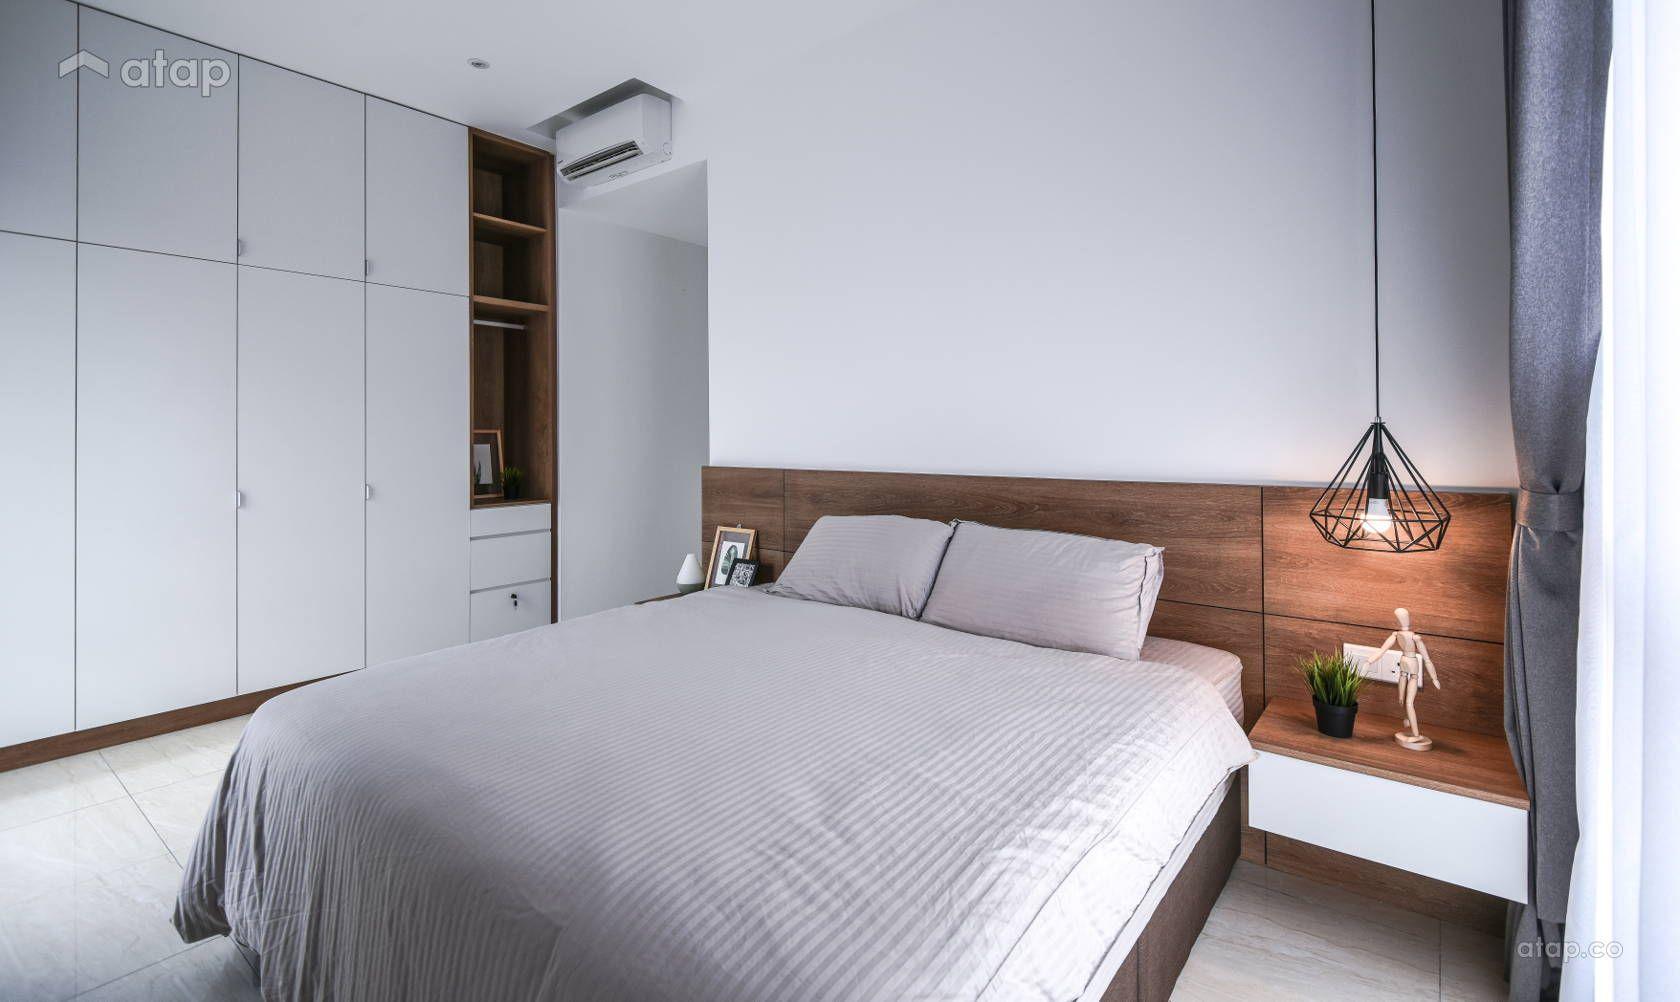 Contemporary Minimalistic Bedroom Condominium Design Ideas Photos Malaysia Atap Co Condominium Design Bedroom Condominium